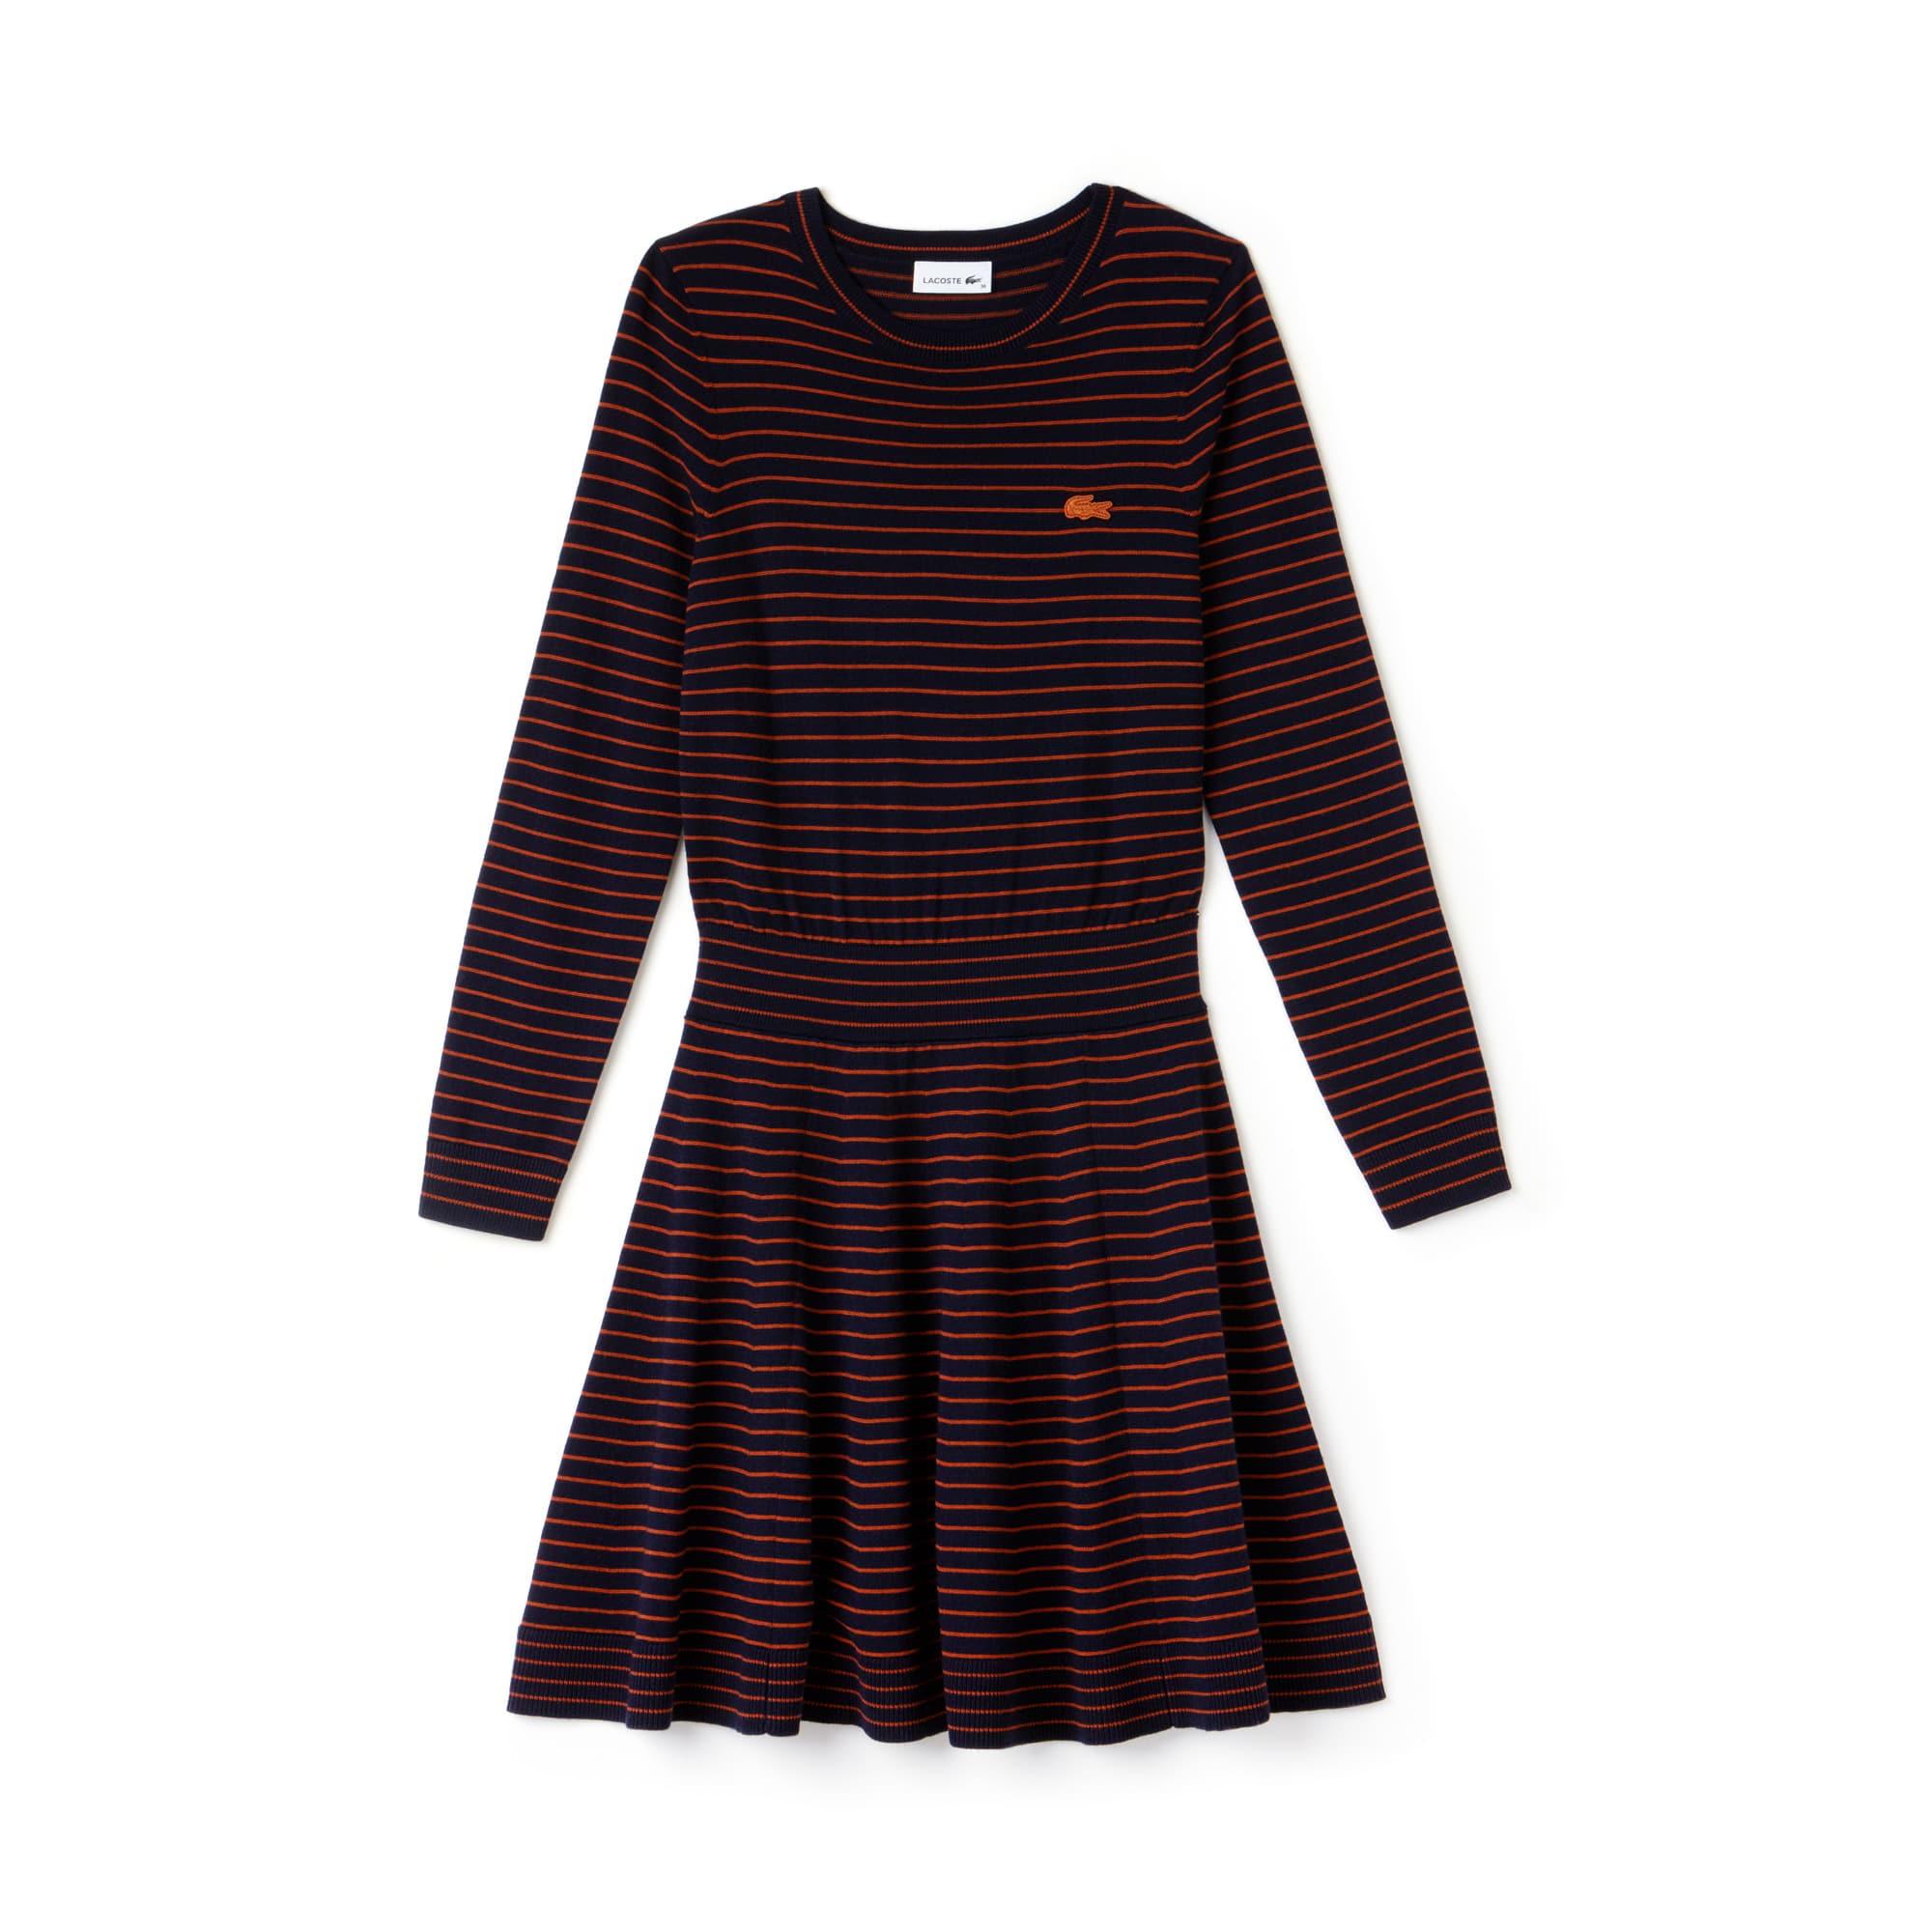 Damen Pulloverkleid aus Wolljersey